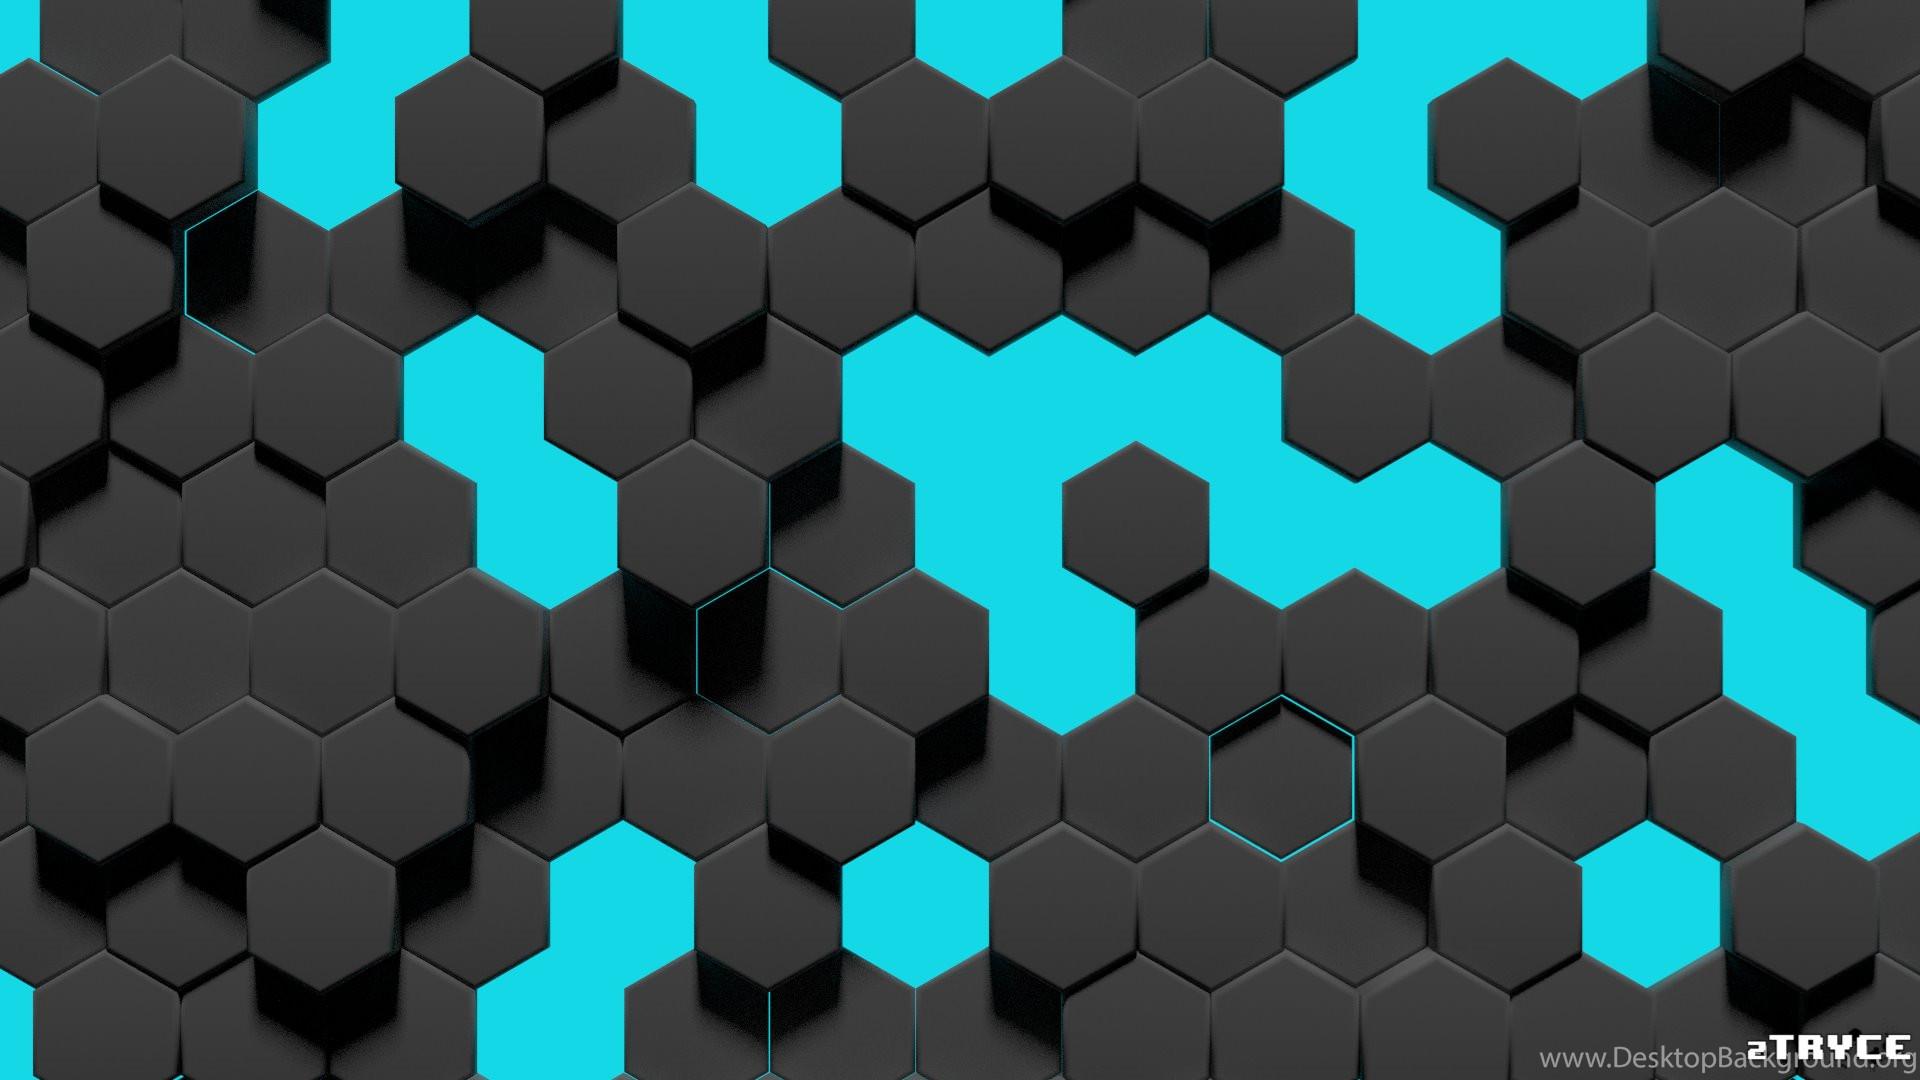 Res: 1920x1080, Hexagon Wallpapers 11 - 1920 X 1080